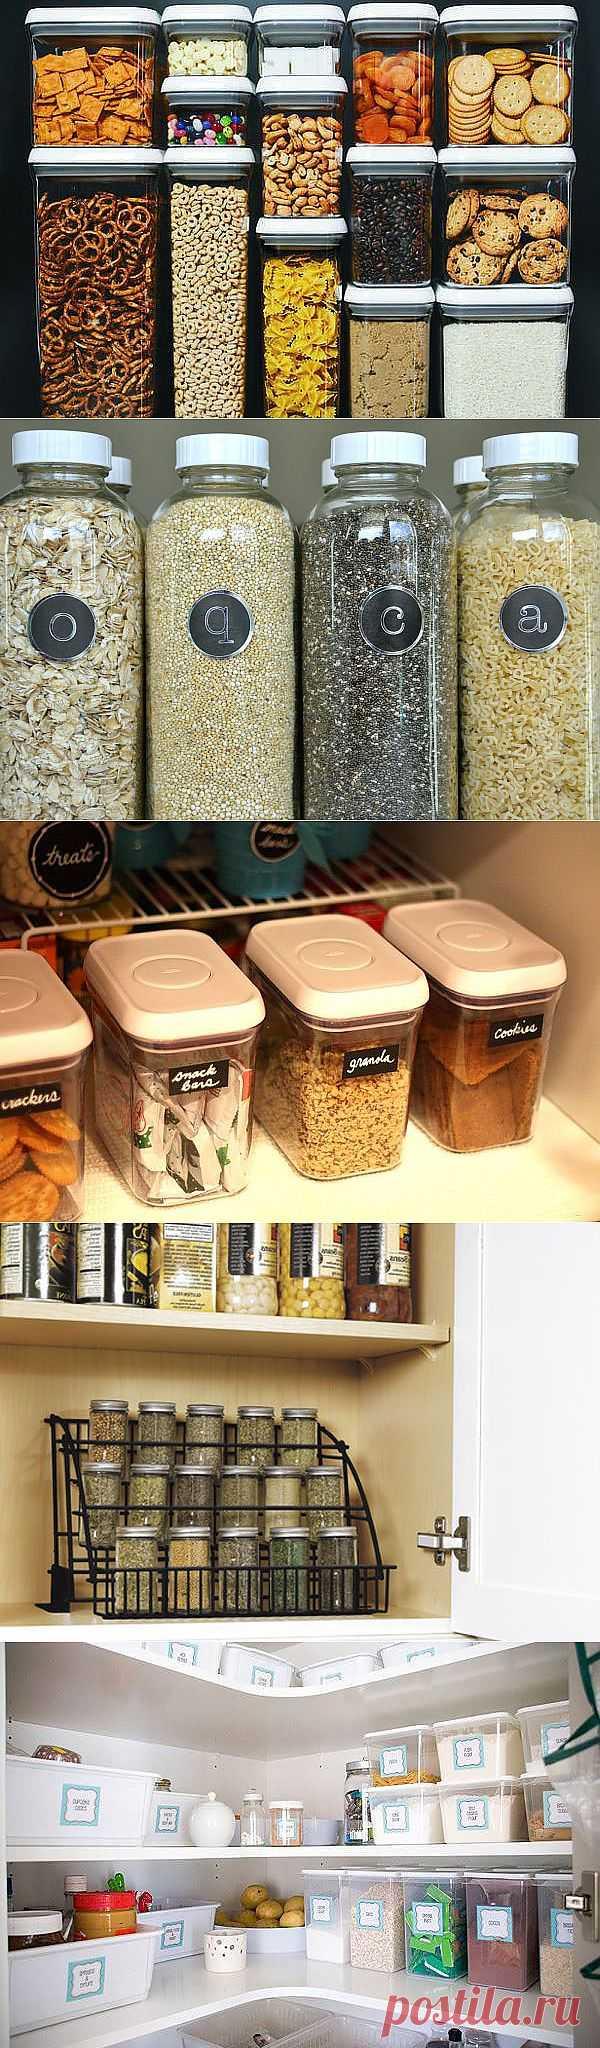 (+1) тема - Как навести порядок на кухне: чисто, аккуратно и красиво | МОЯ КВАРТИРА